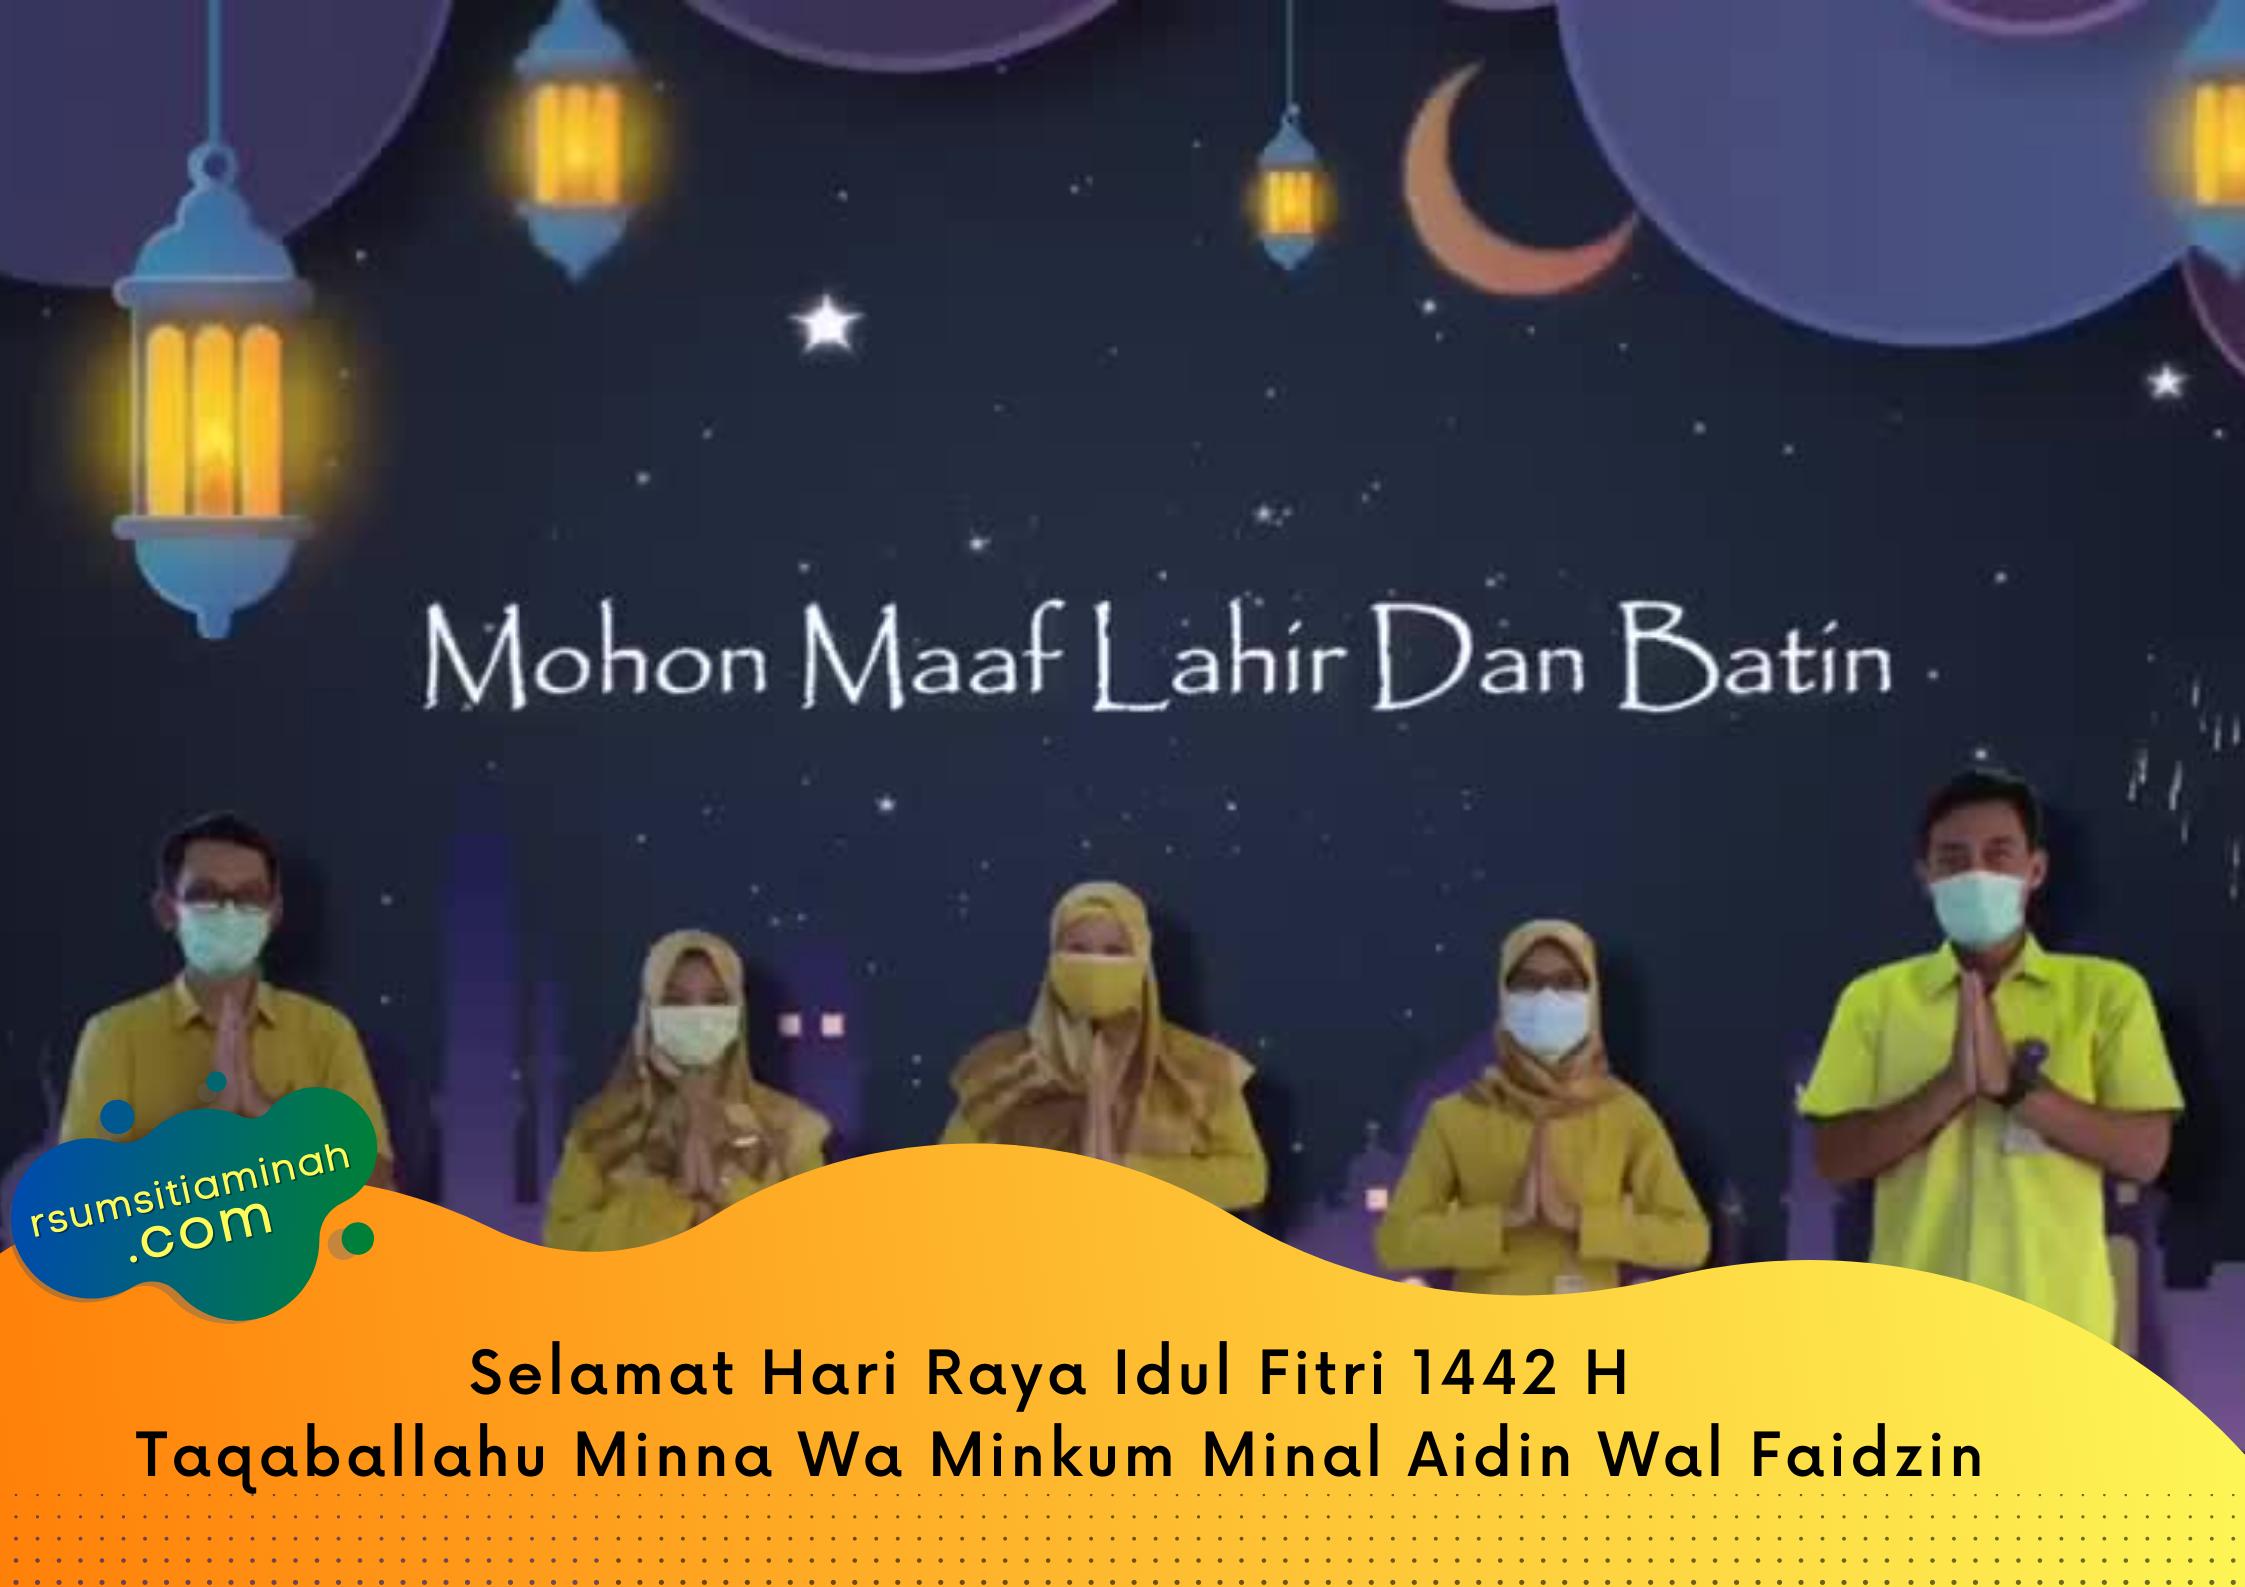 Selamat Hari Raya Idul Fitri 1442 H Taqaballahu Minna Wa Minkum Minal Aidin Wal Faidzin